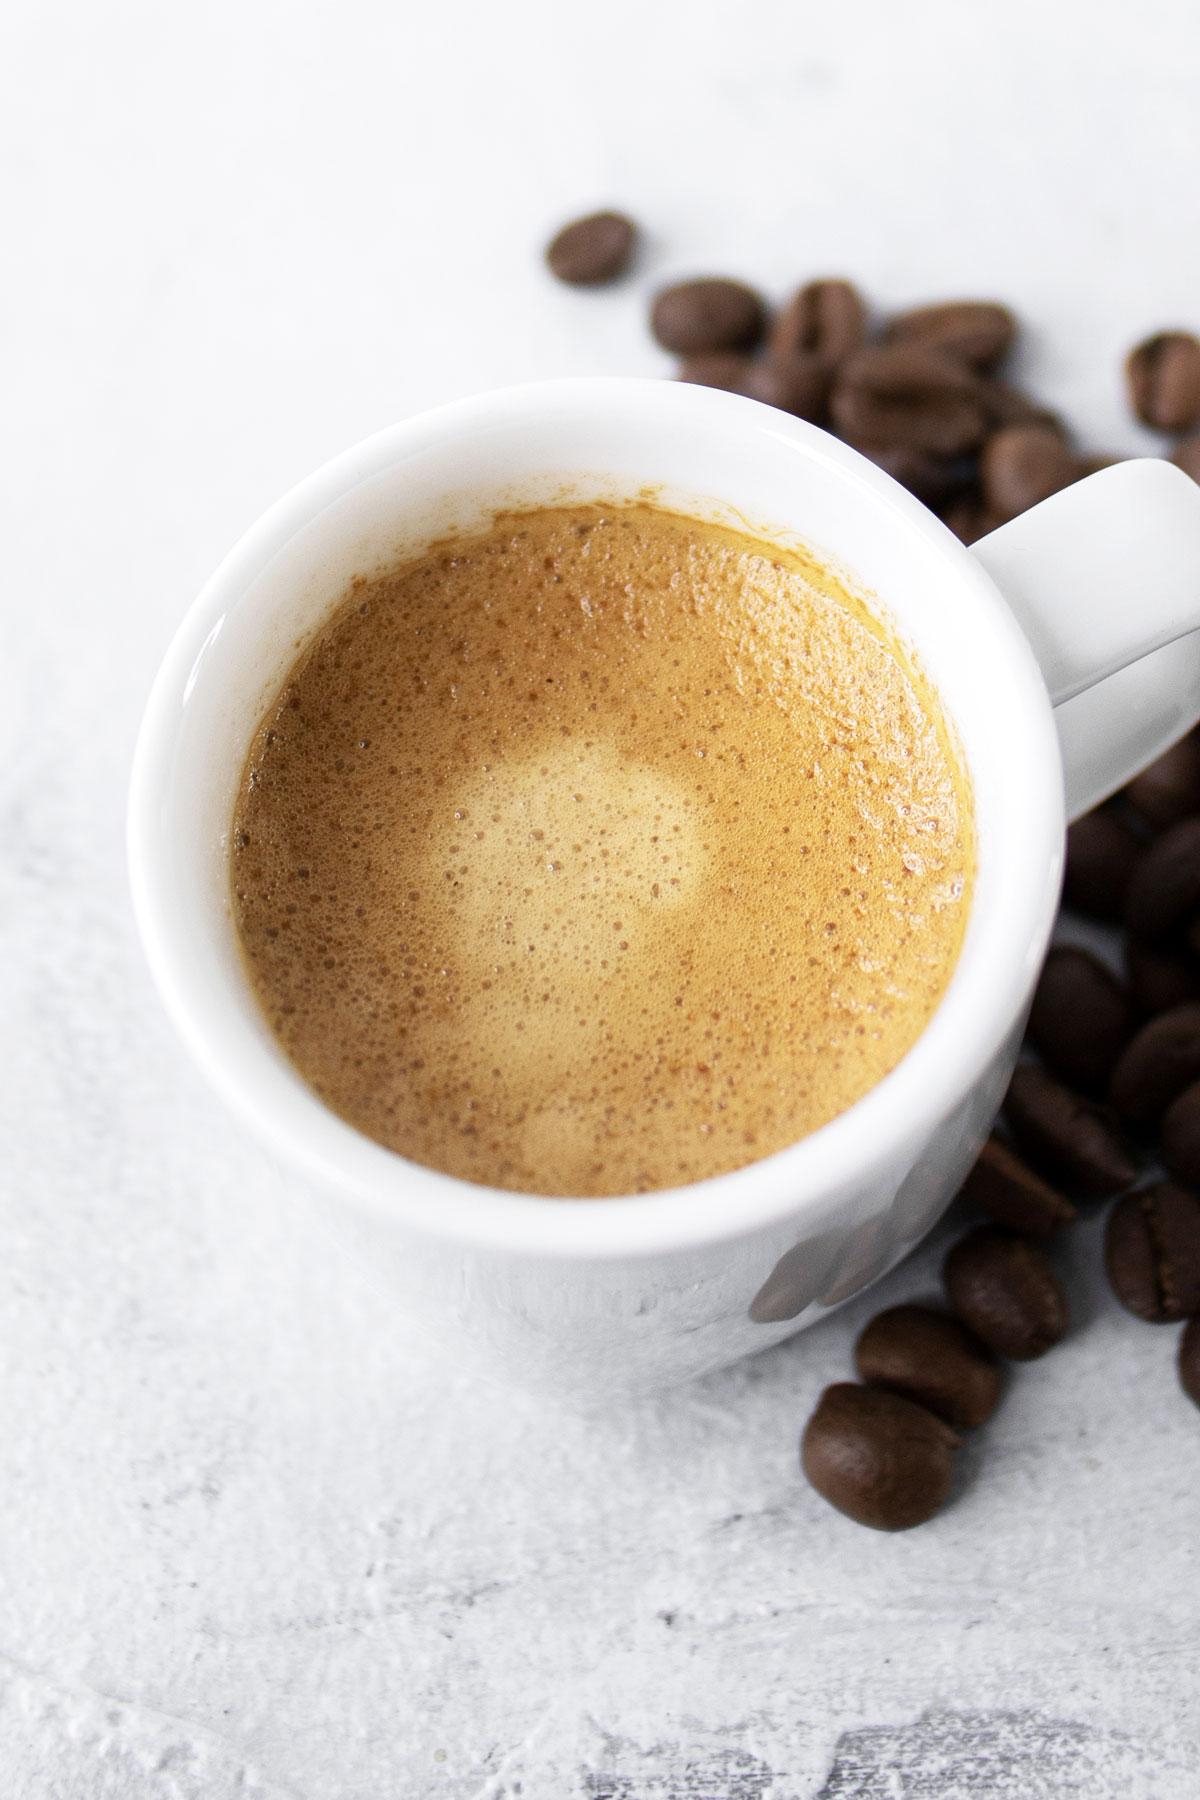 Espresso in a small white mug.